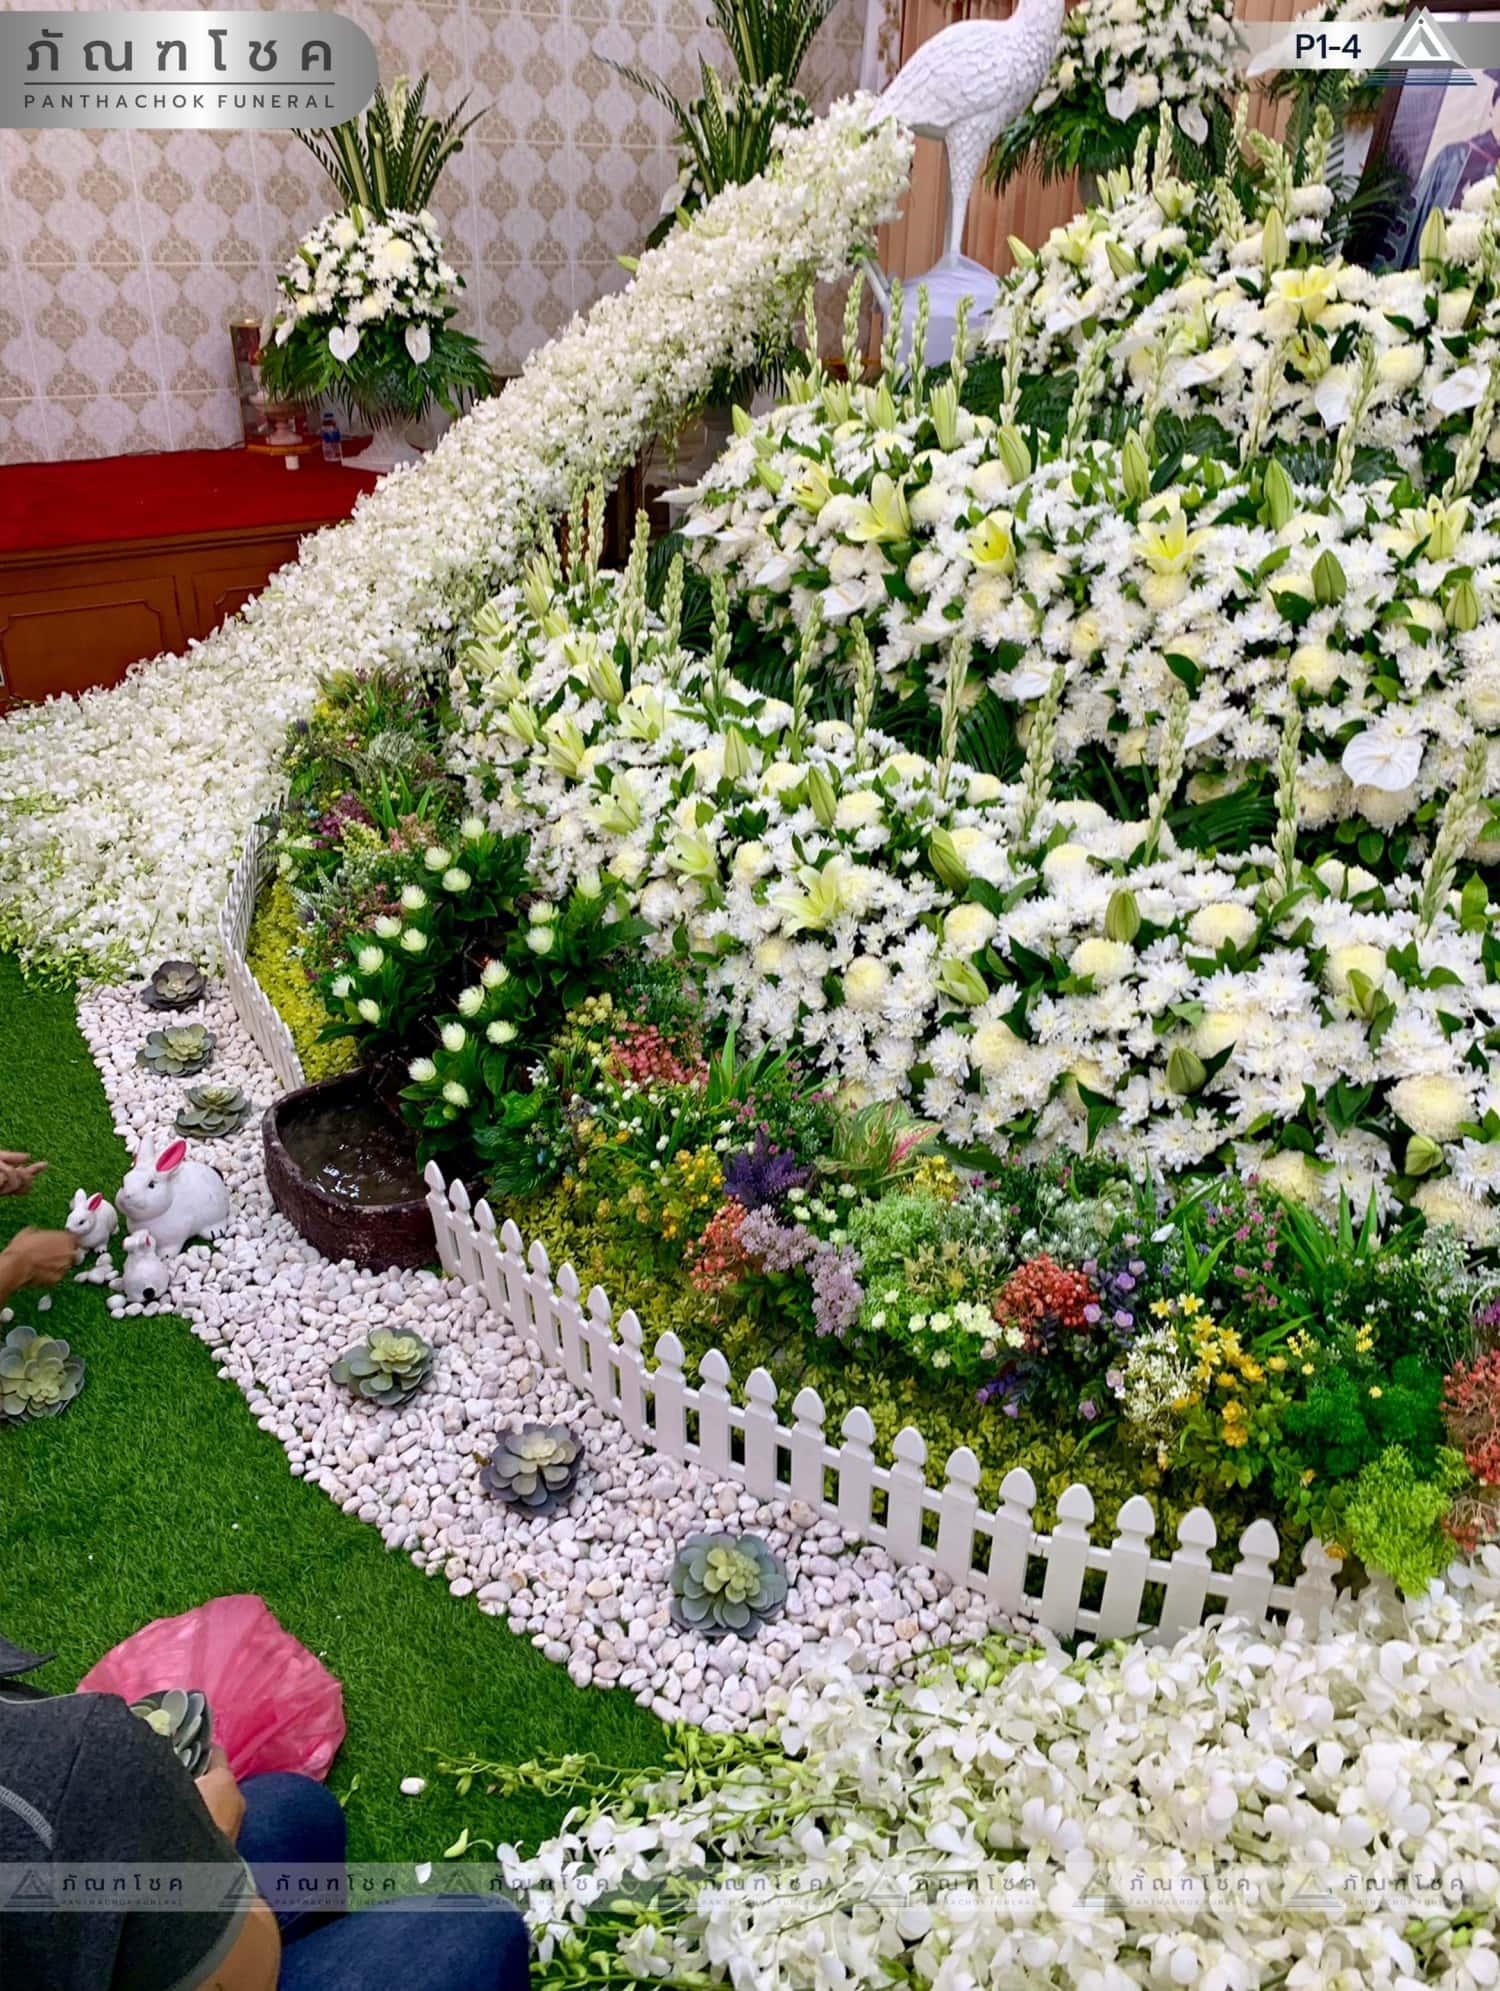 ดอกไม้หน้าศพ ชุด P1-4 73